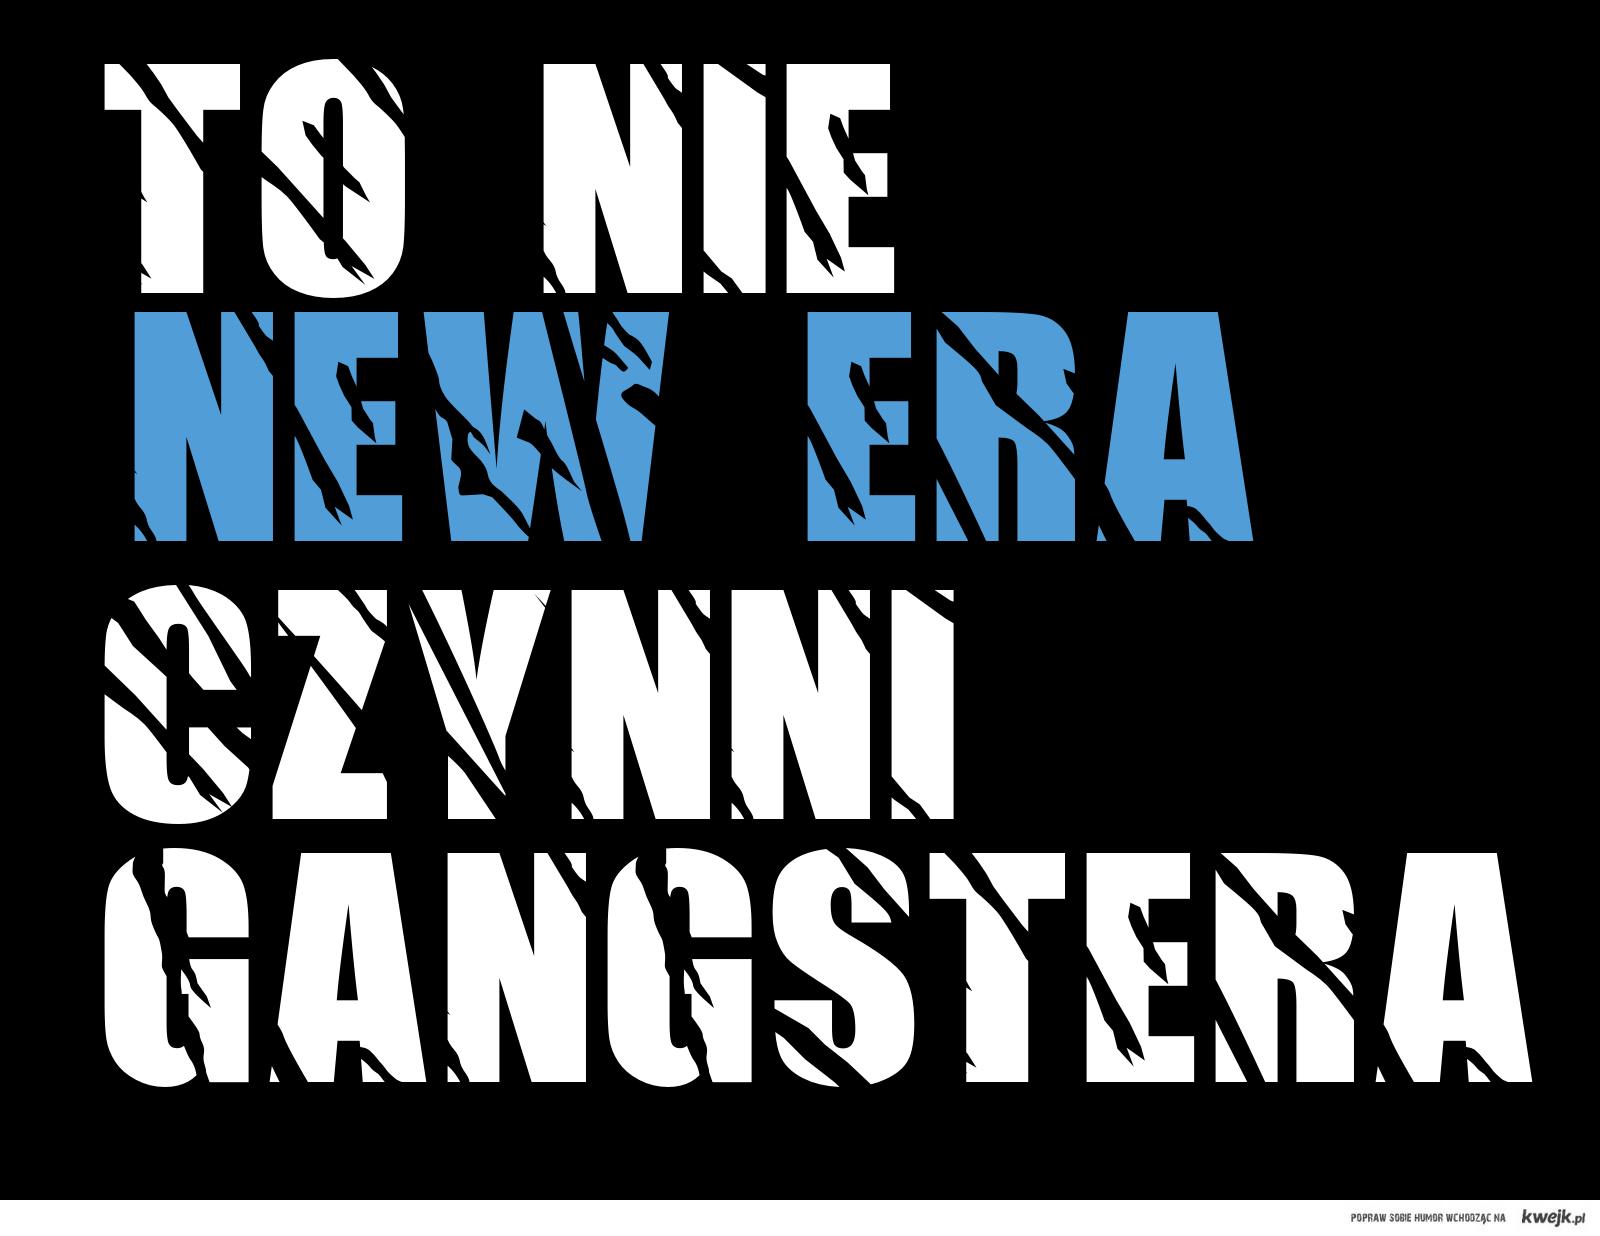 To Nie NEWERA czynni gangstera.